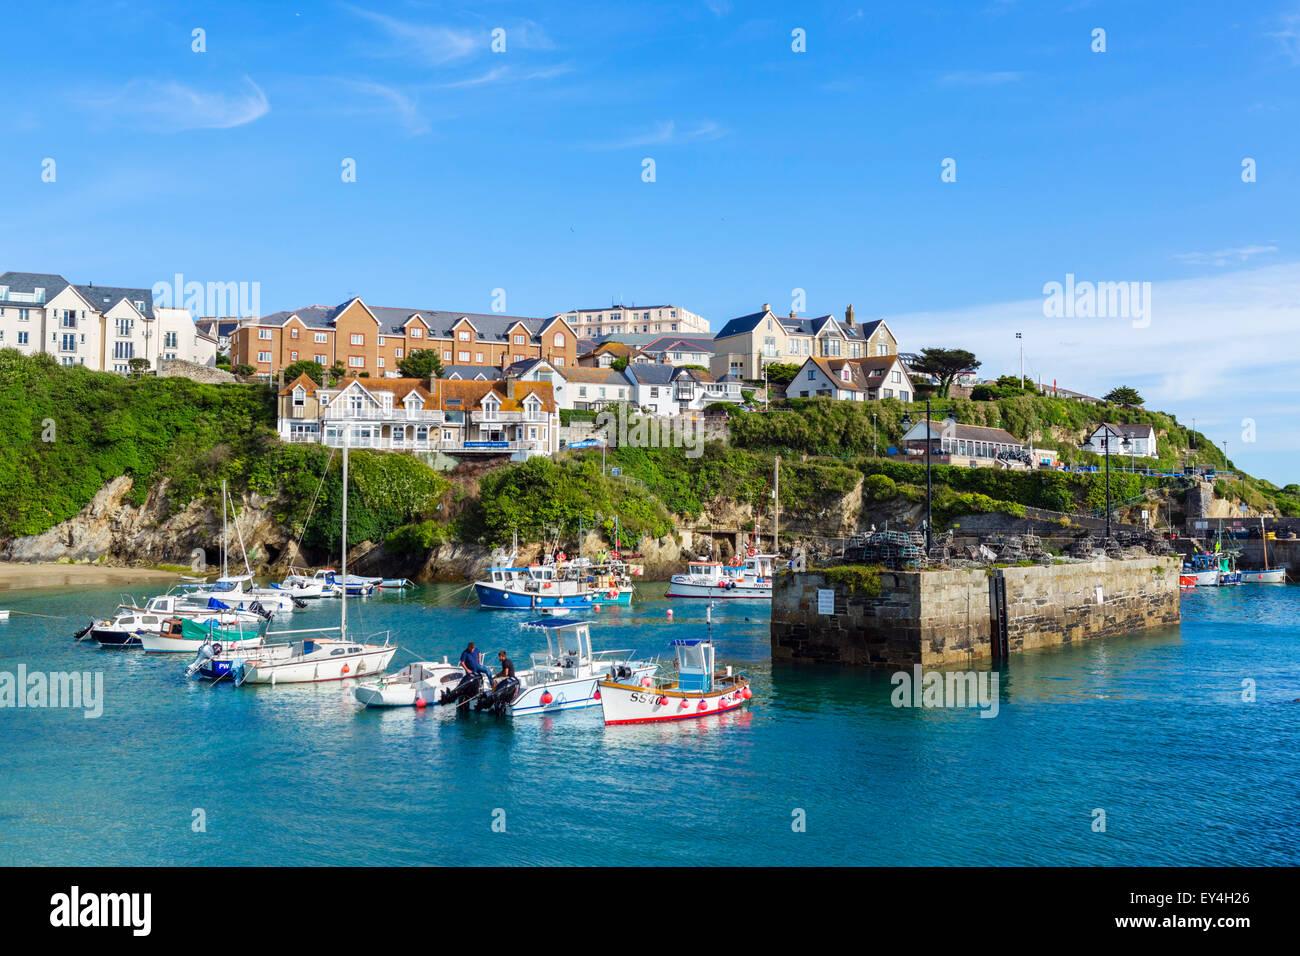 El puerto de Newquay, Cornwall, Inglaterra, Reino Unido. Imagen De Stock